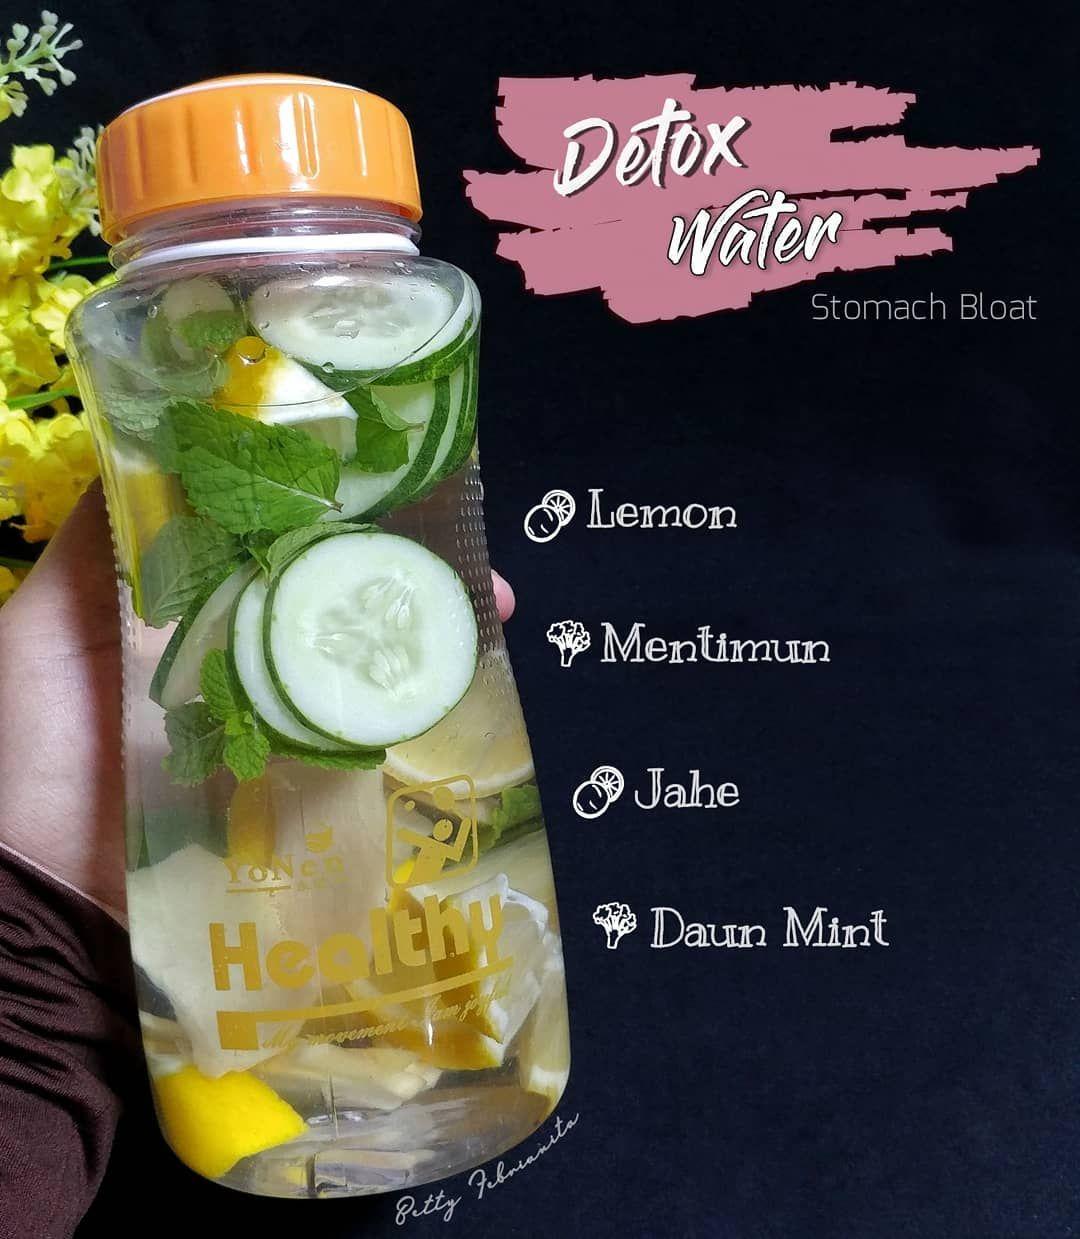 Bismillah Favorit Infused Water Di Perut Rasanya Enaak Banget Seger Dari Lemon Daun Mint Nya Berpadu Sama Rasa Hangat D Jus Detoks Resep Diet Diet Detoks